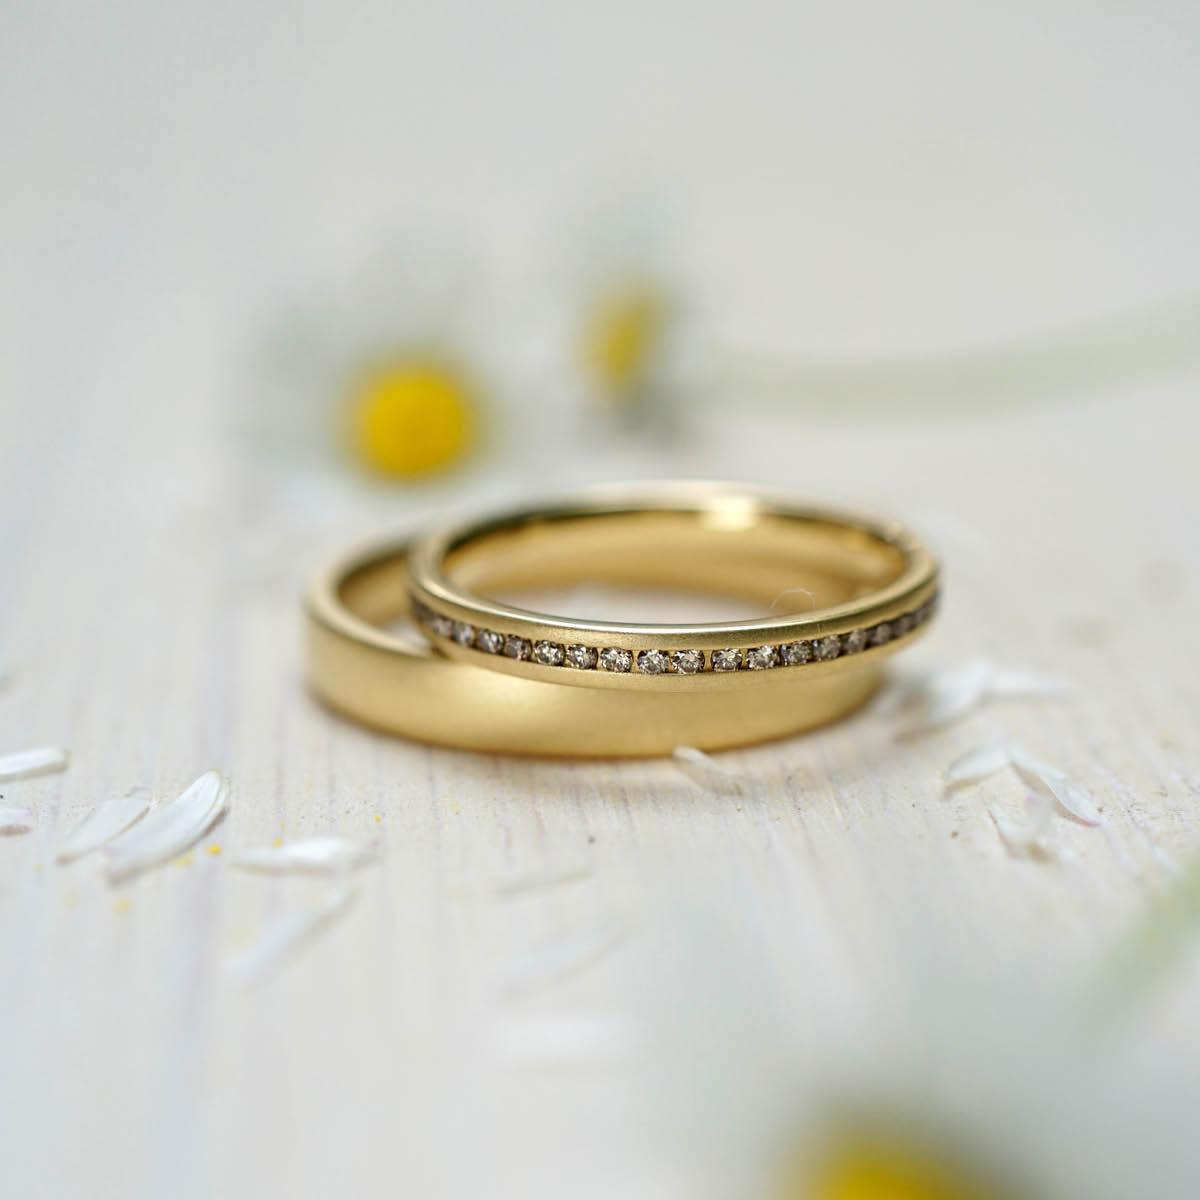 FINGERGLÜCK - Vorsteckring in Gold mit Brillanten